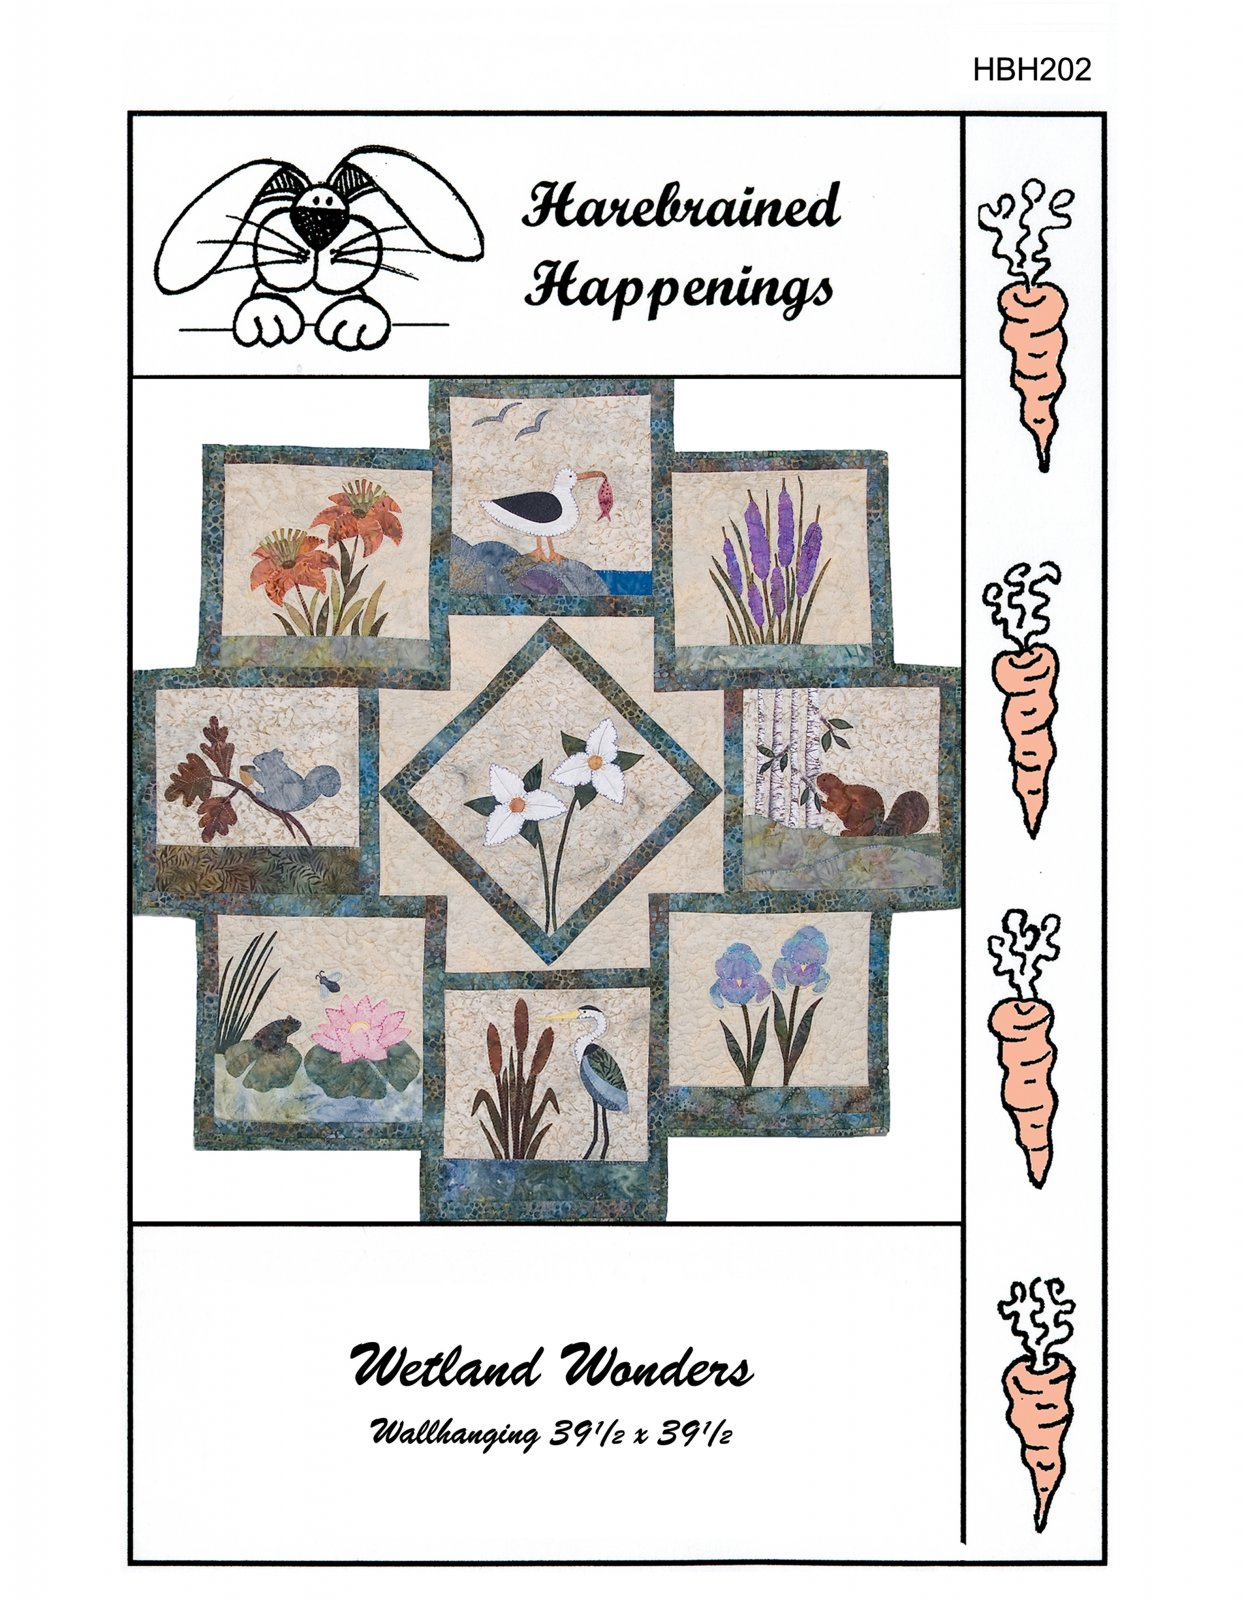 HBH202 Wetland Wonders